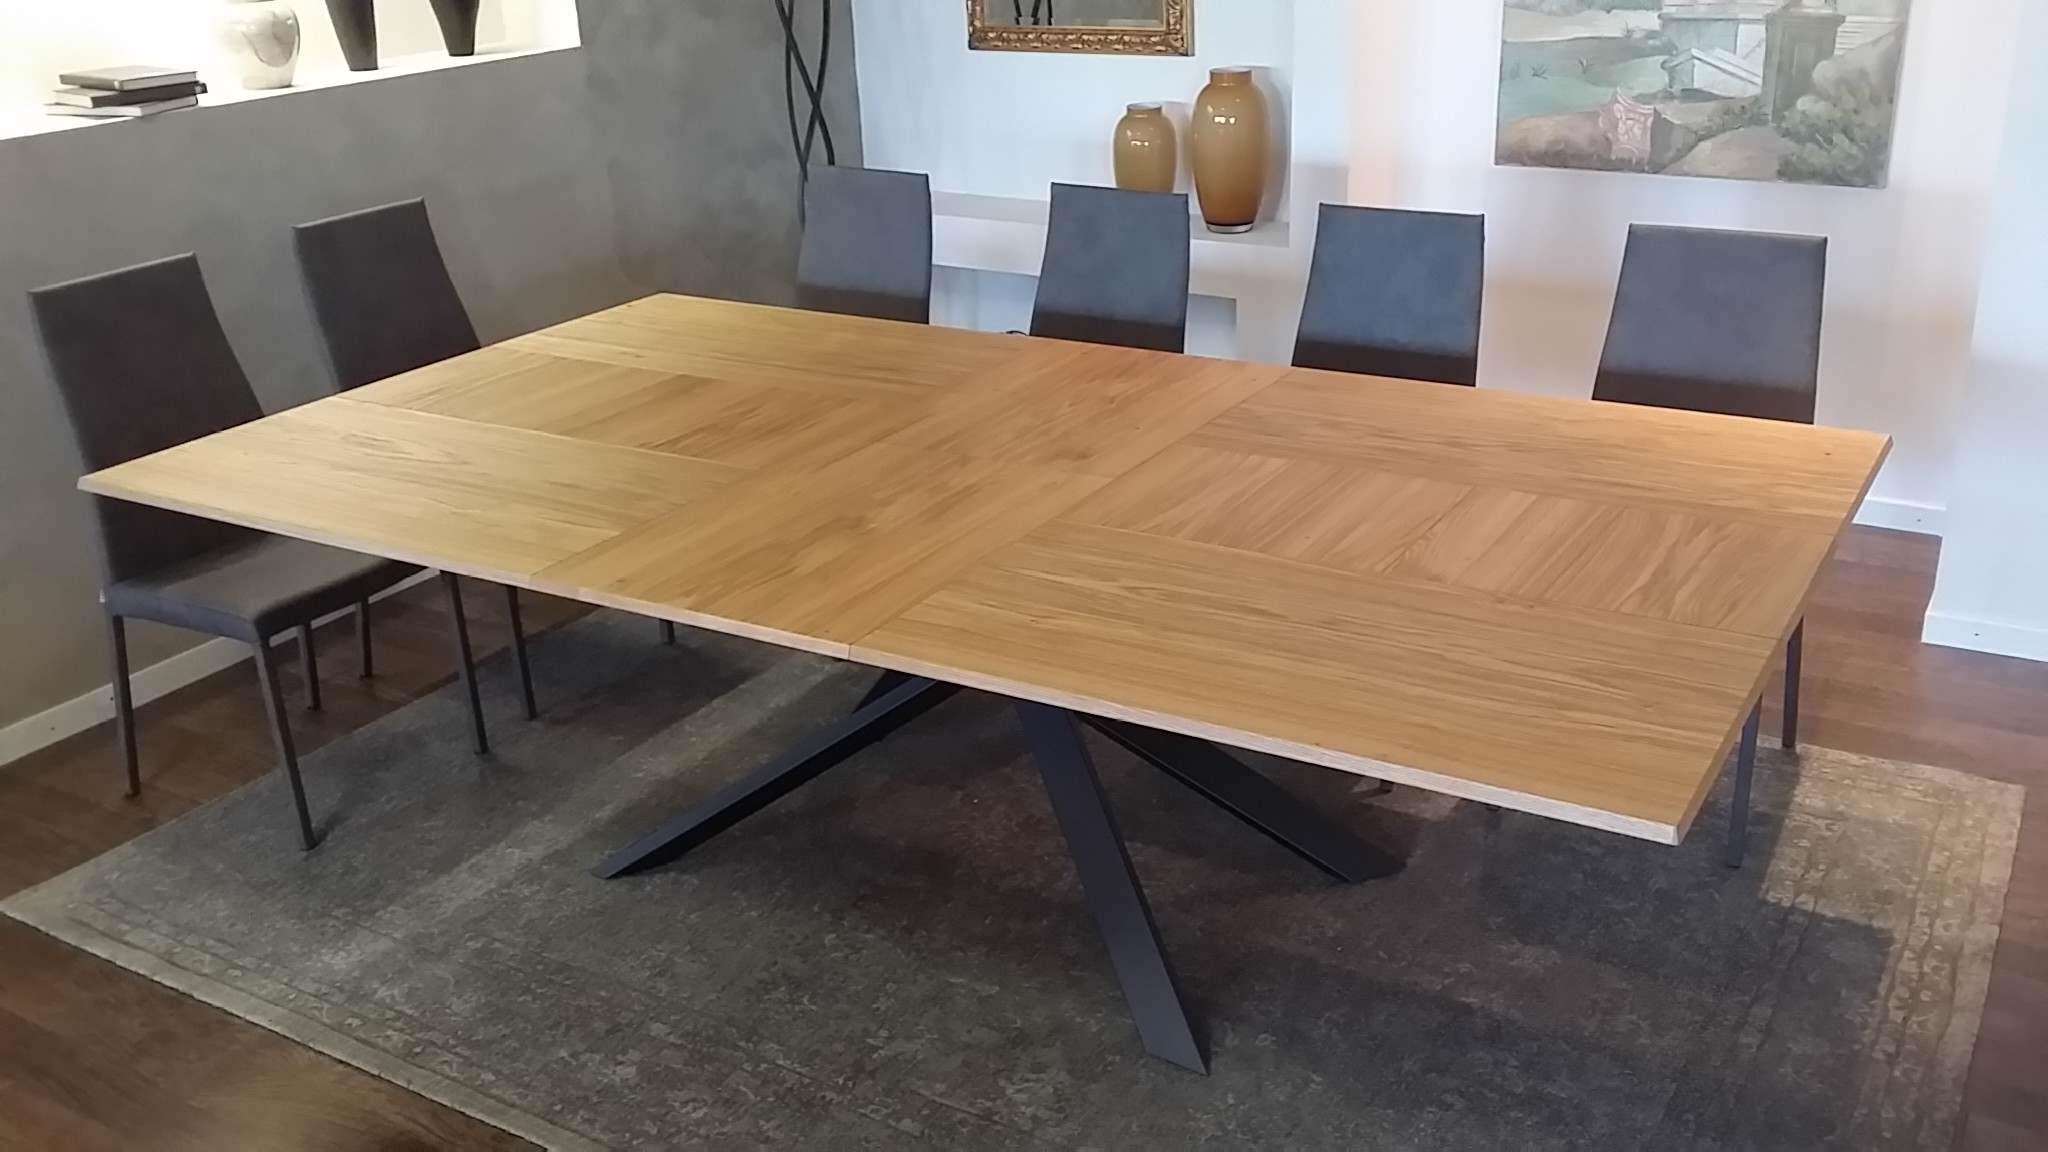 Outlet tavolo ozzio 4x4 t240 tavoli a prezzi scontati for Outlet tavoli design